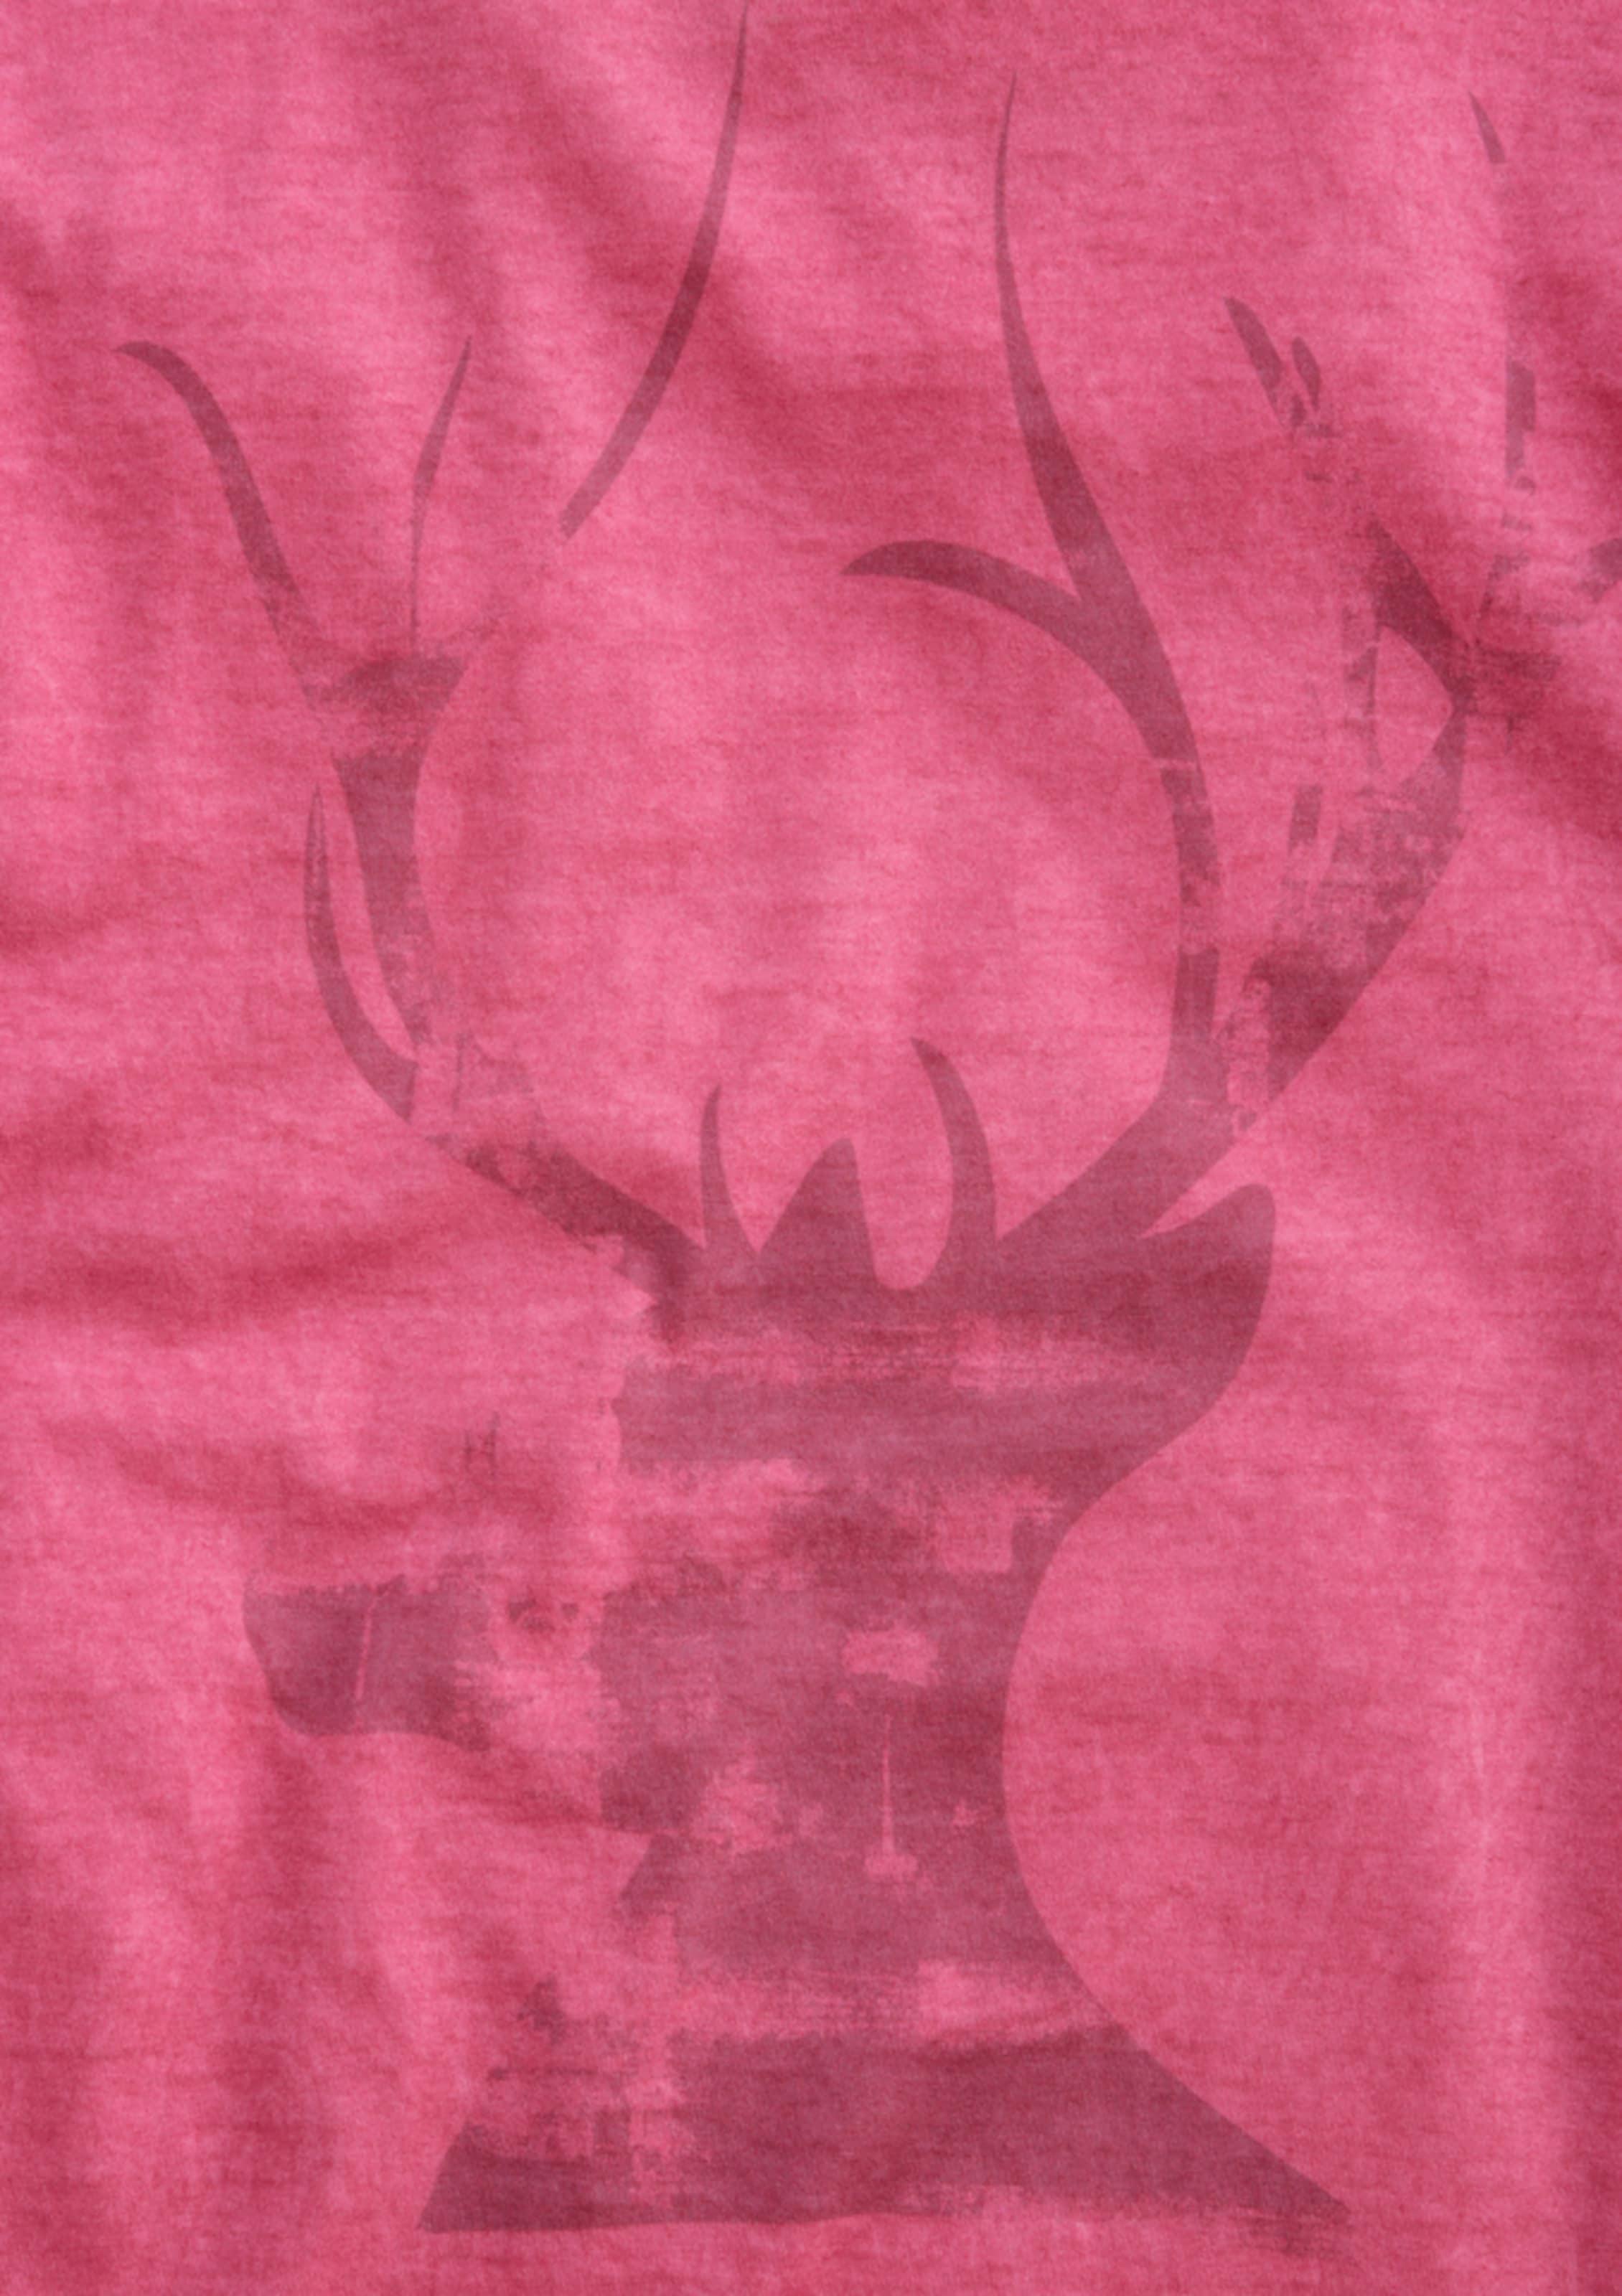 Pink Herren Look In Trachtenshirt Mondkini Im Batik N80PnOkXw